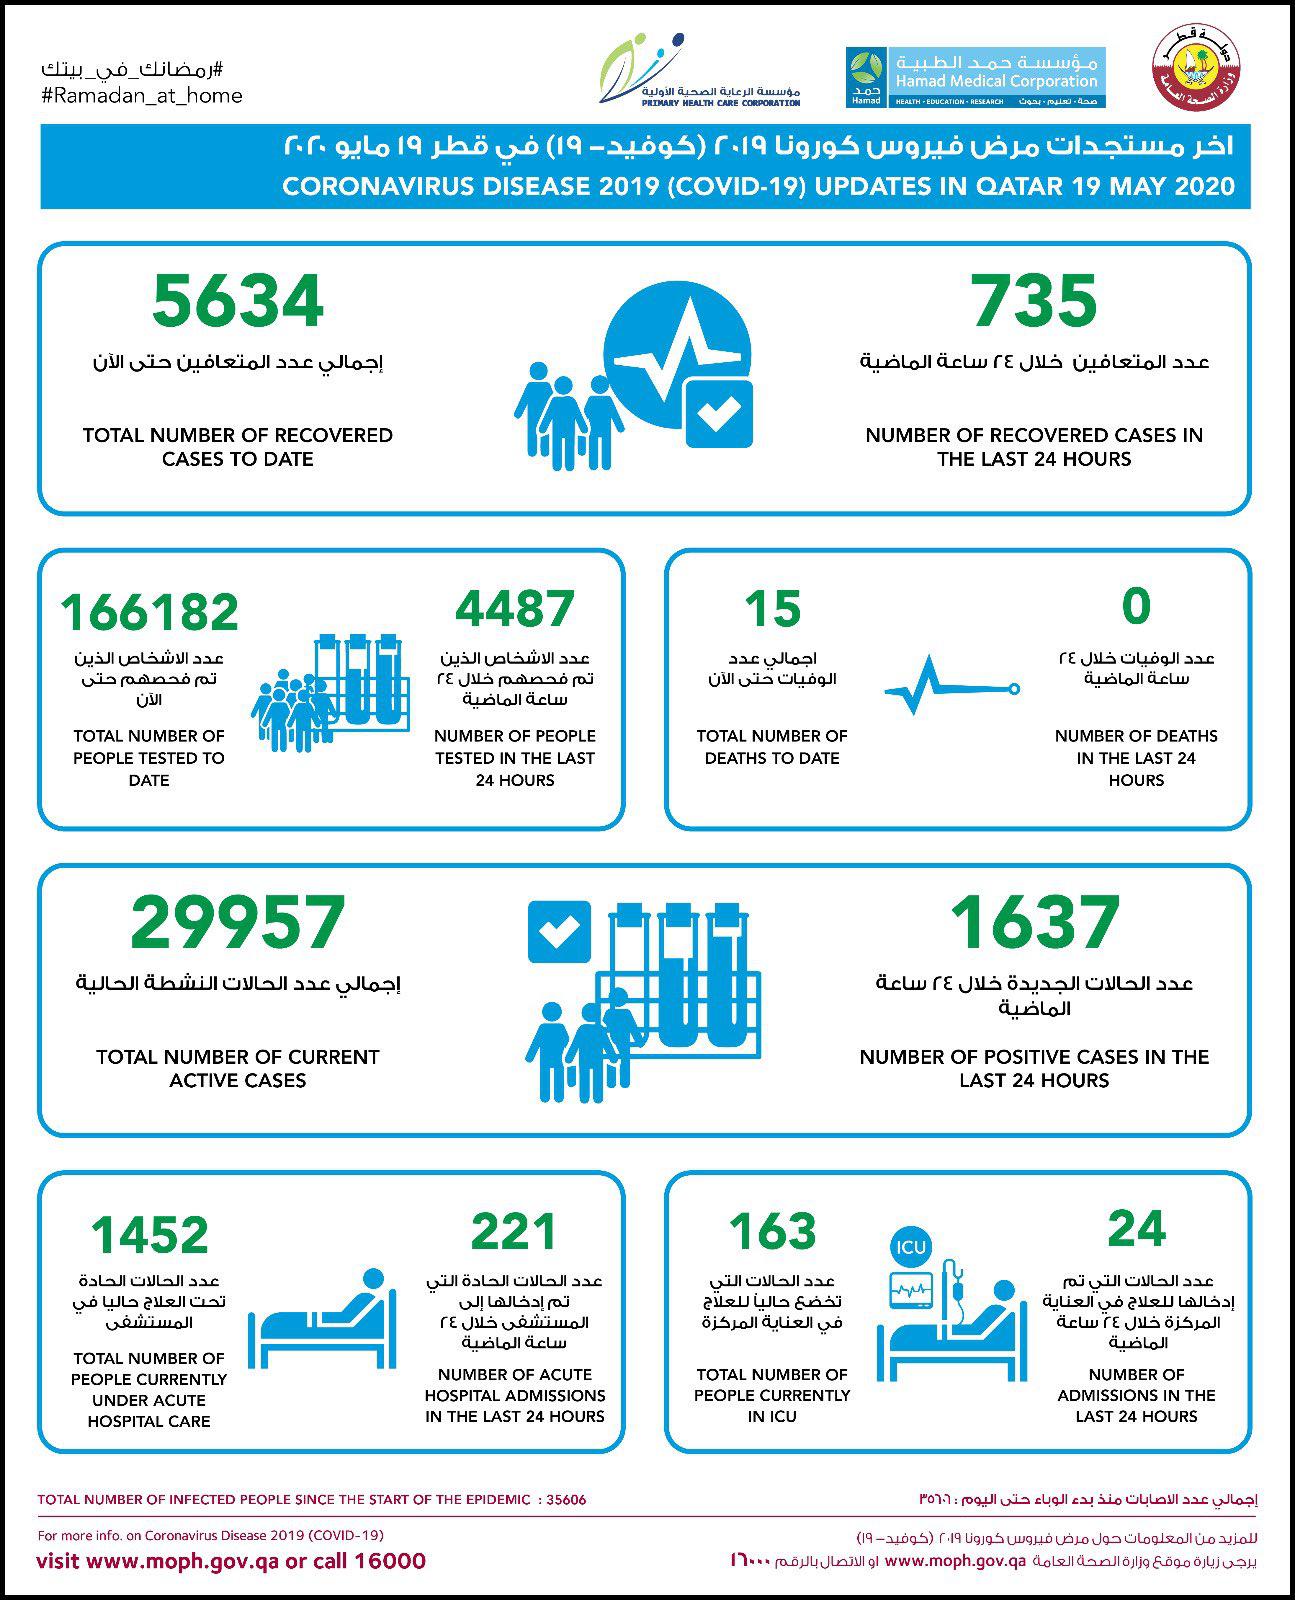 △ 卡塔尔19日疫情统计 来源:卡塔尔公共卫生部